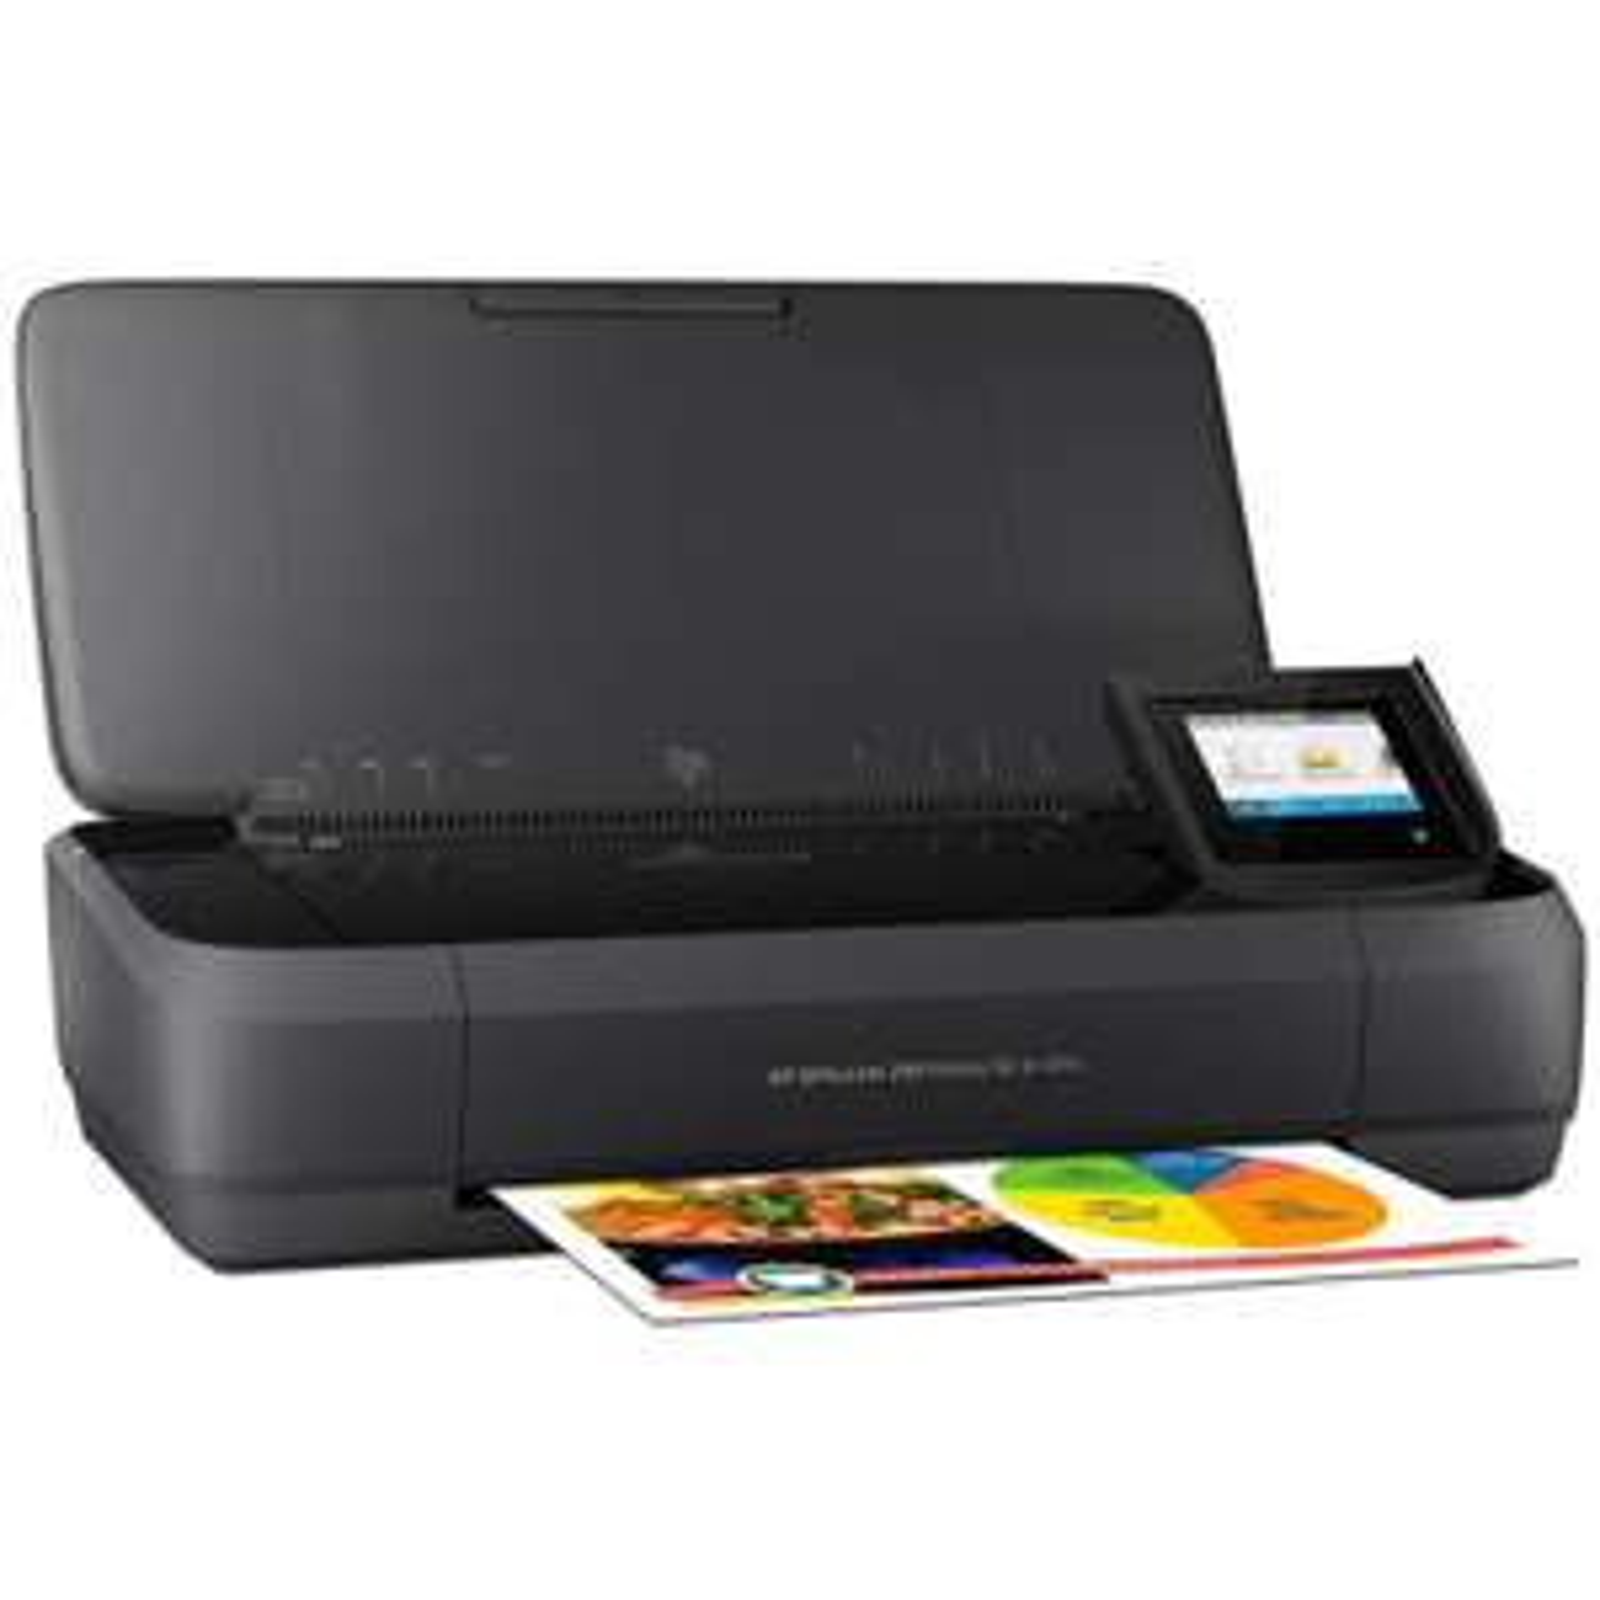 PCEL Multifuncional de Inyección a Color HP OfficeJet 250